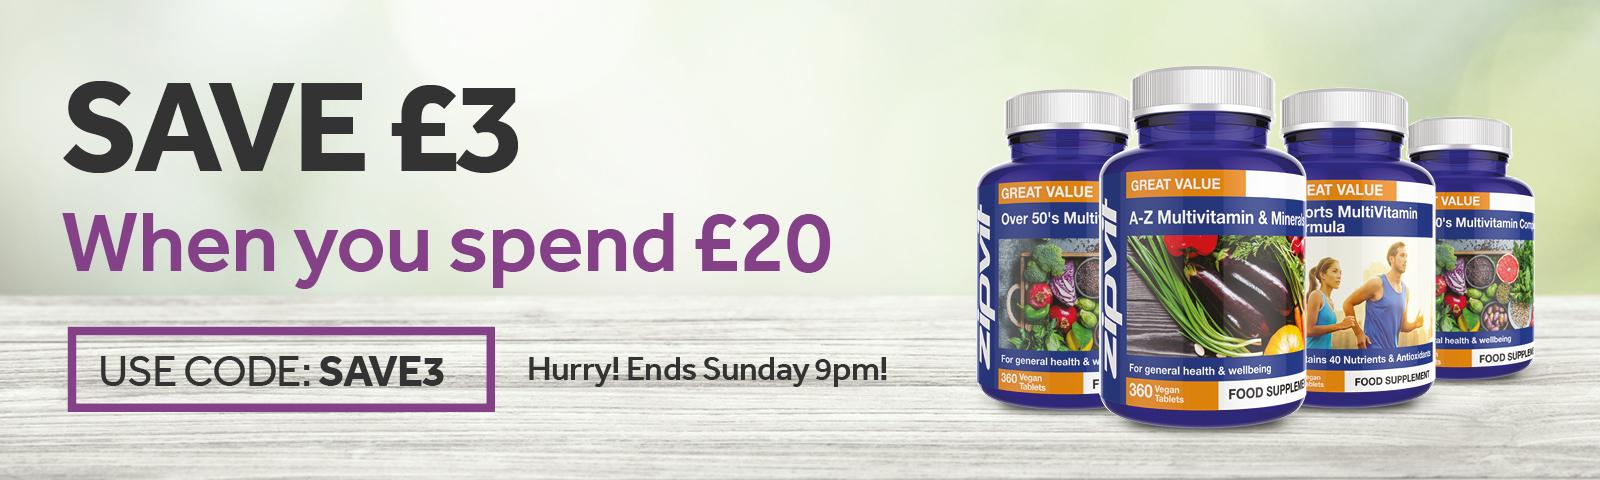 Save £3 this week